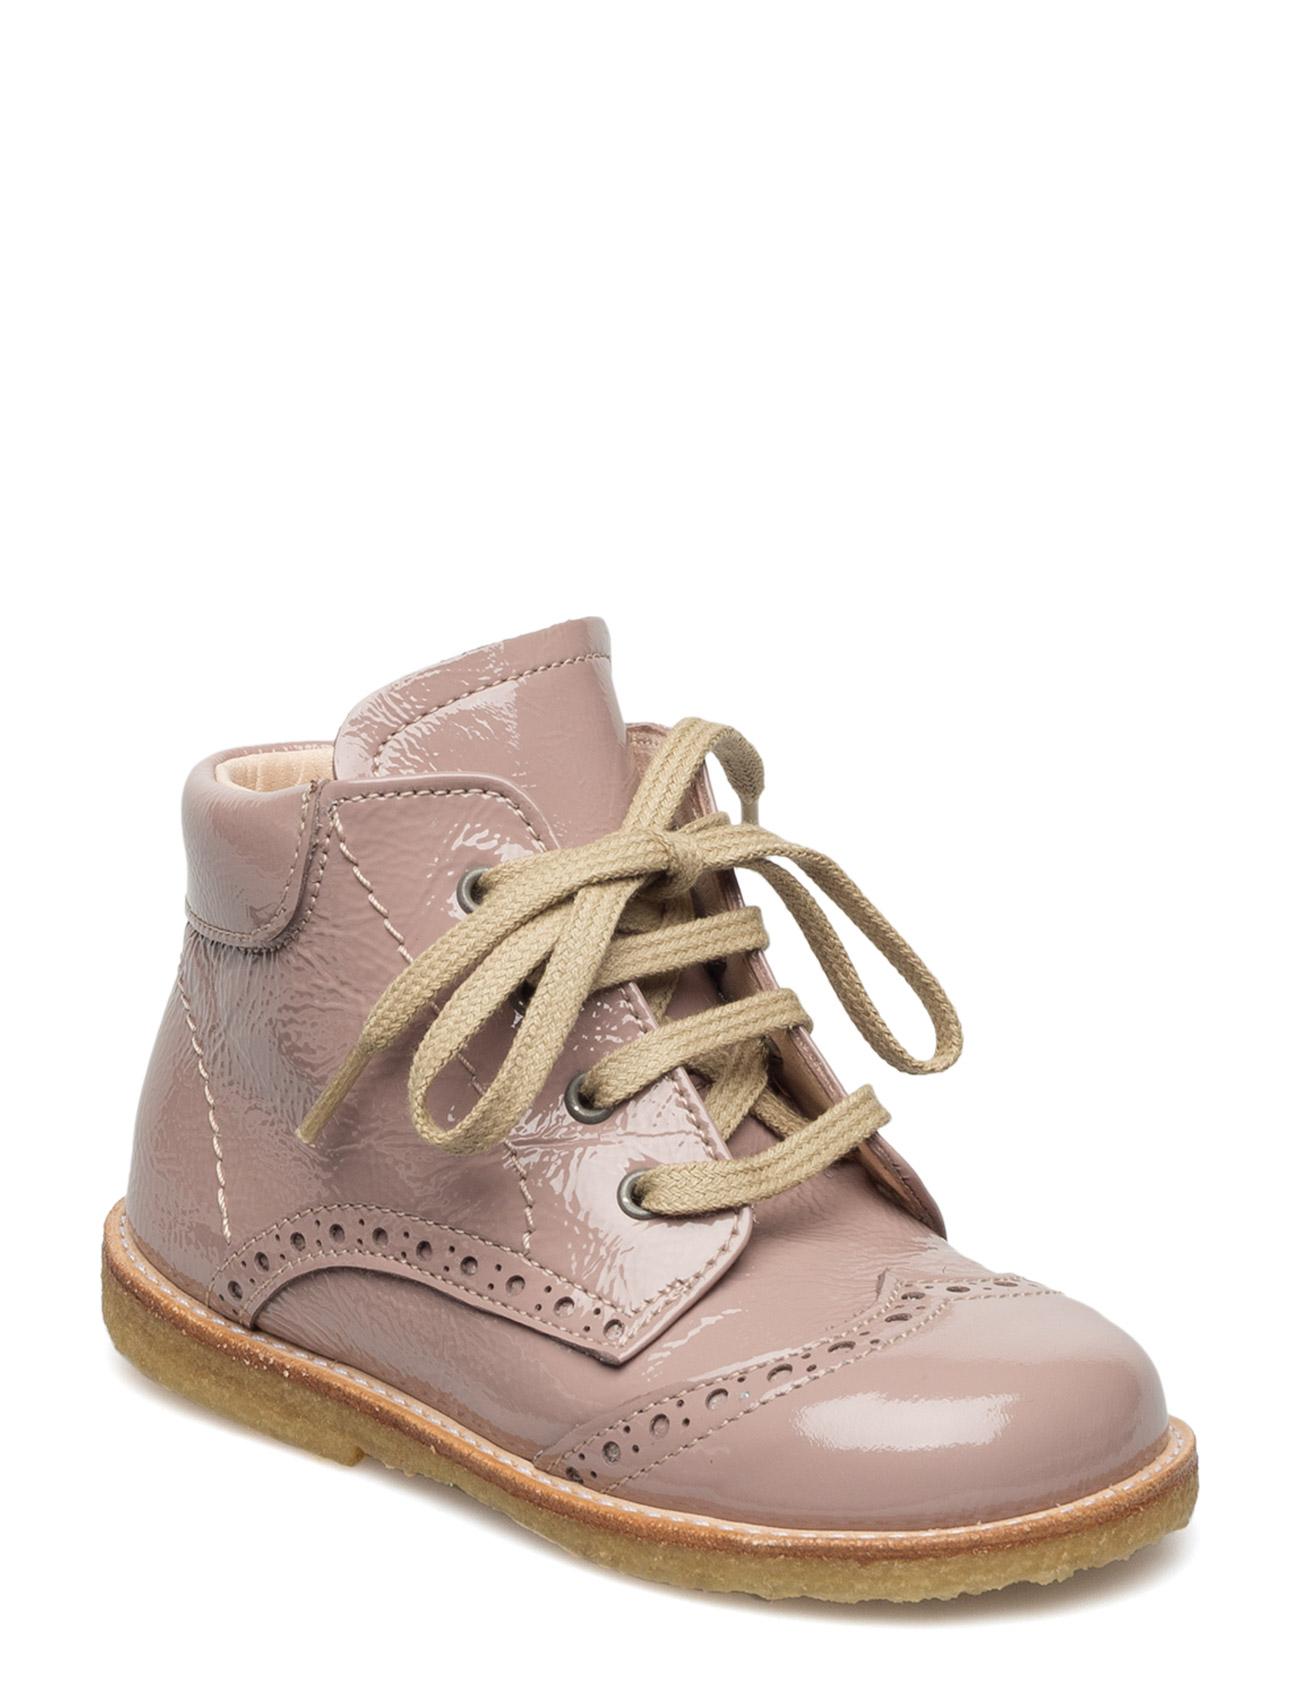 b8716a6f02b Baby Shoe ANGULUS Sko & Sneakers til Børn i 1325 Champagne